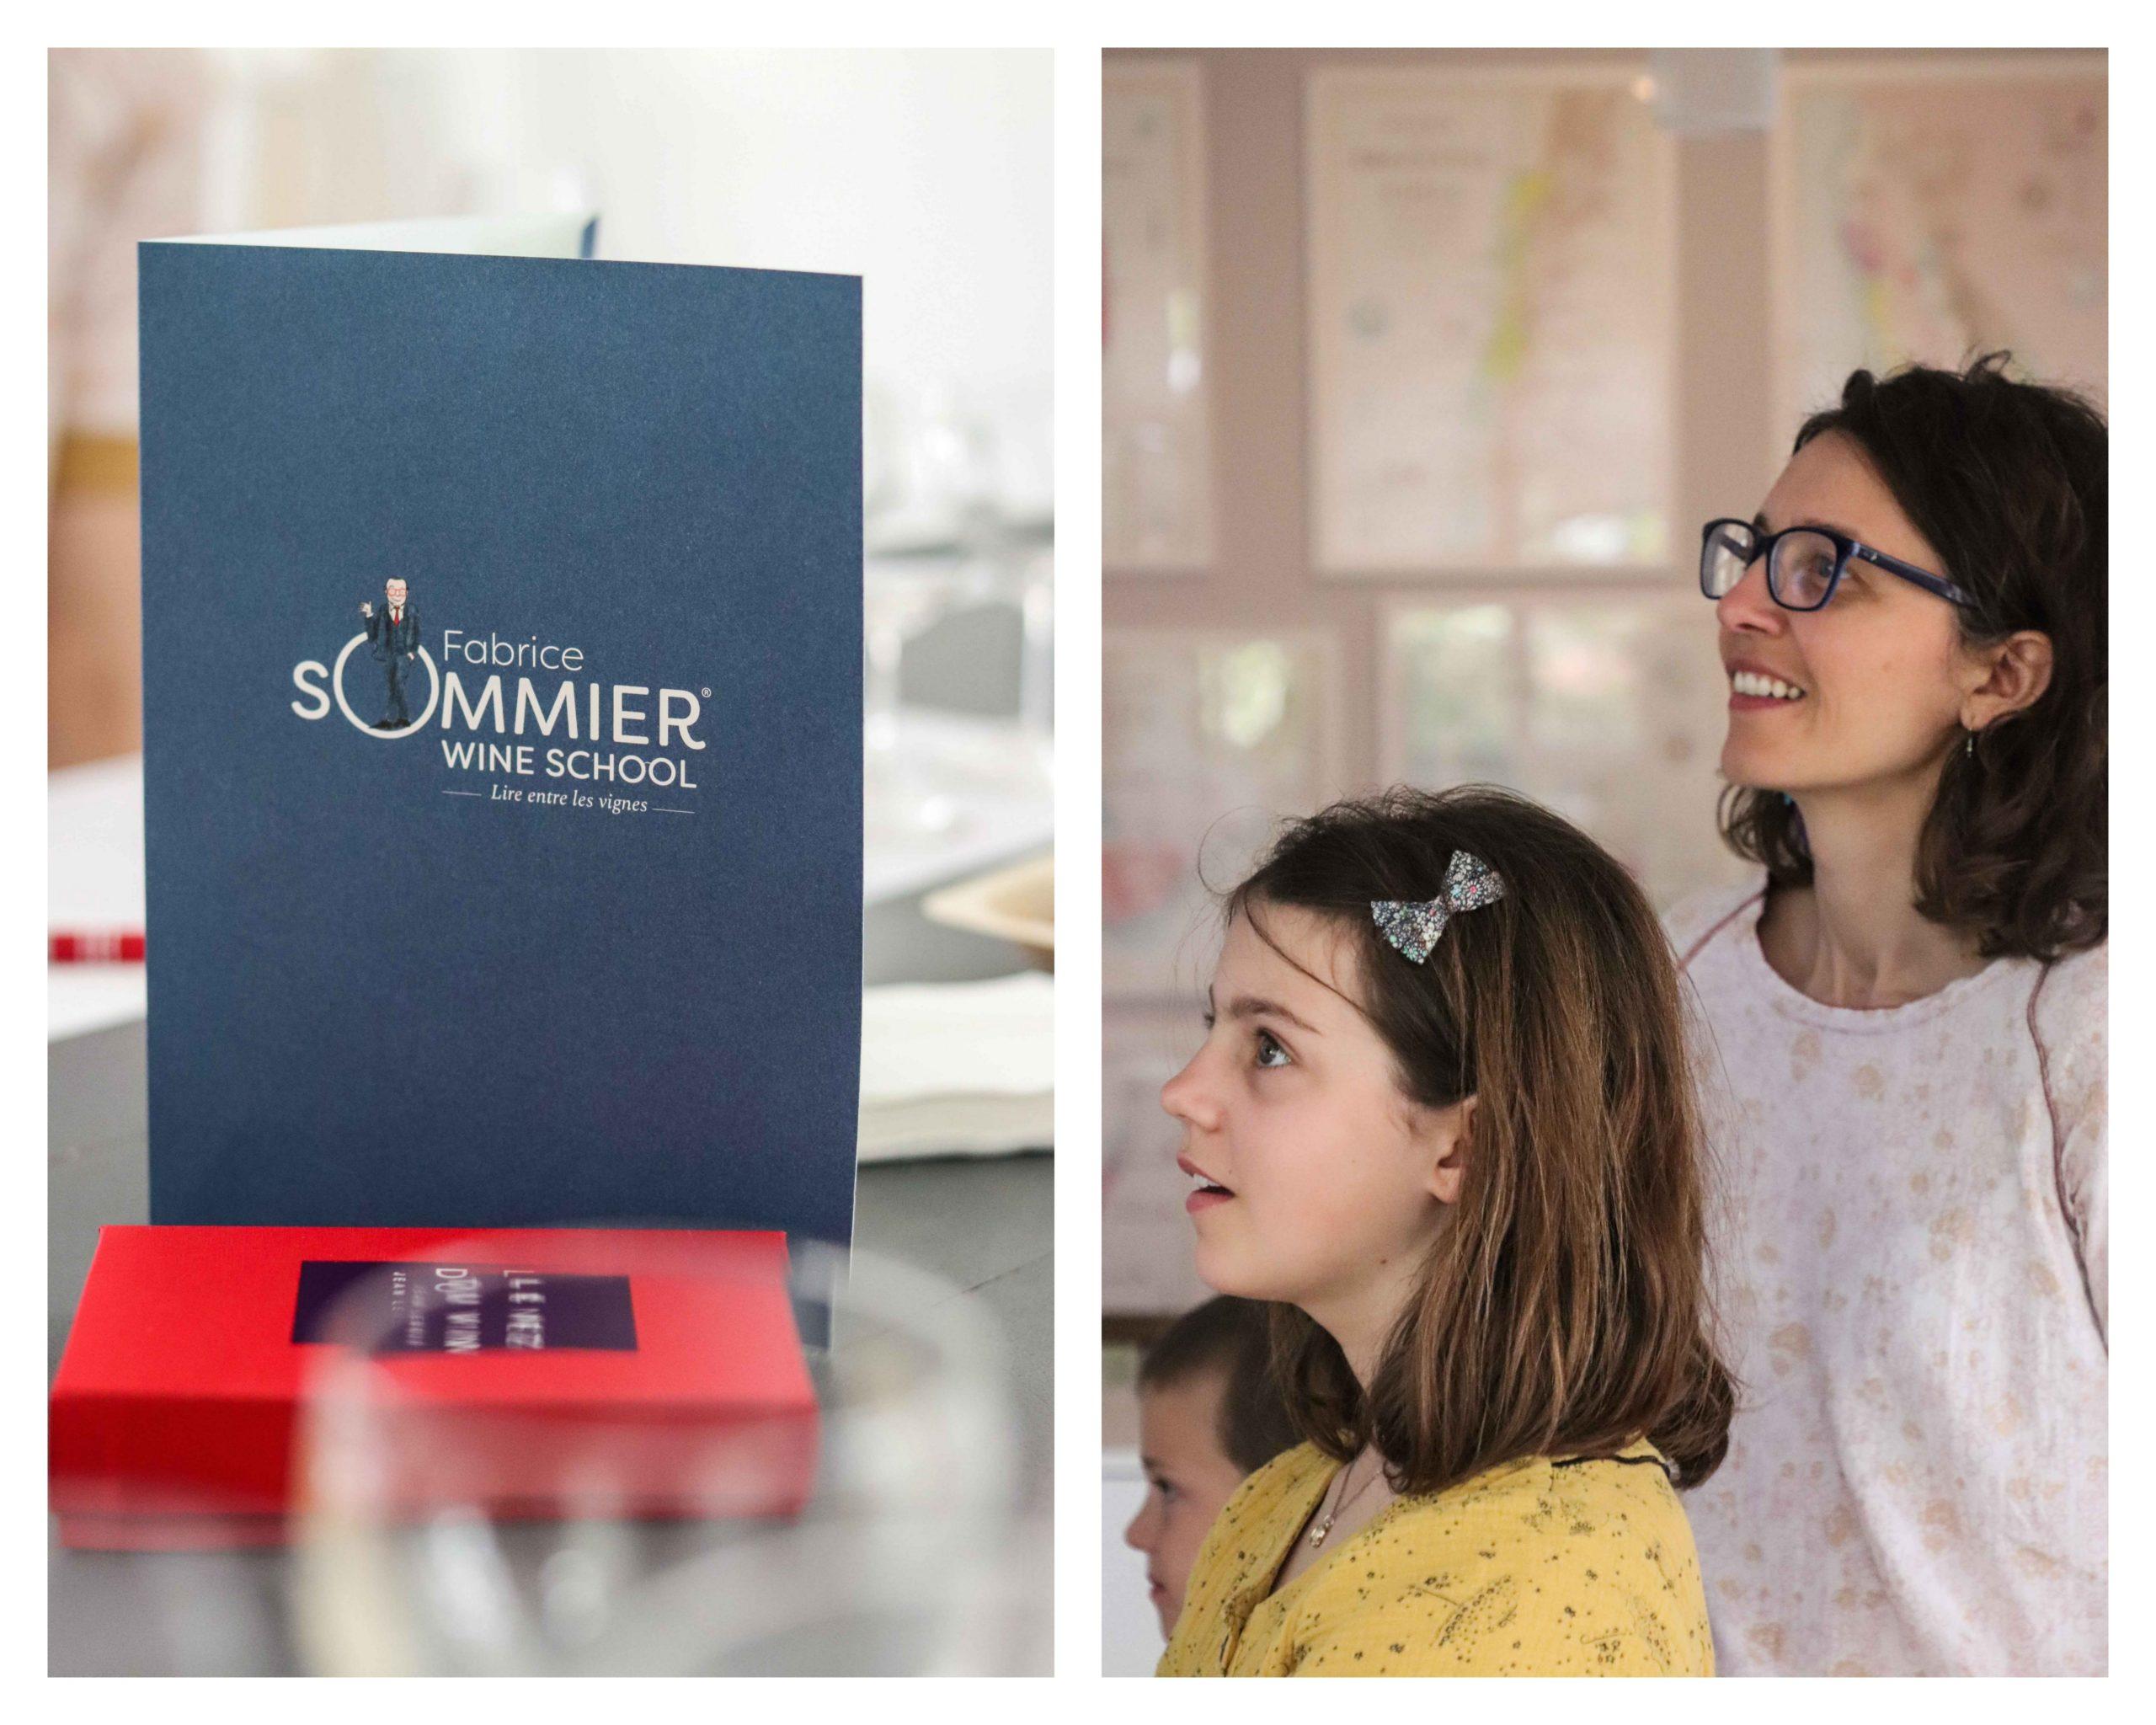 La Wine school - Mâcon - Fabrice Sommier - famille - Saône-et-Loire Tourisme